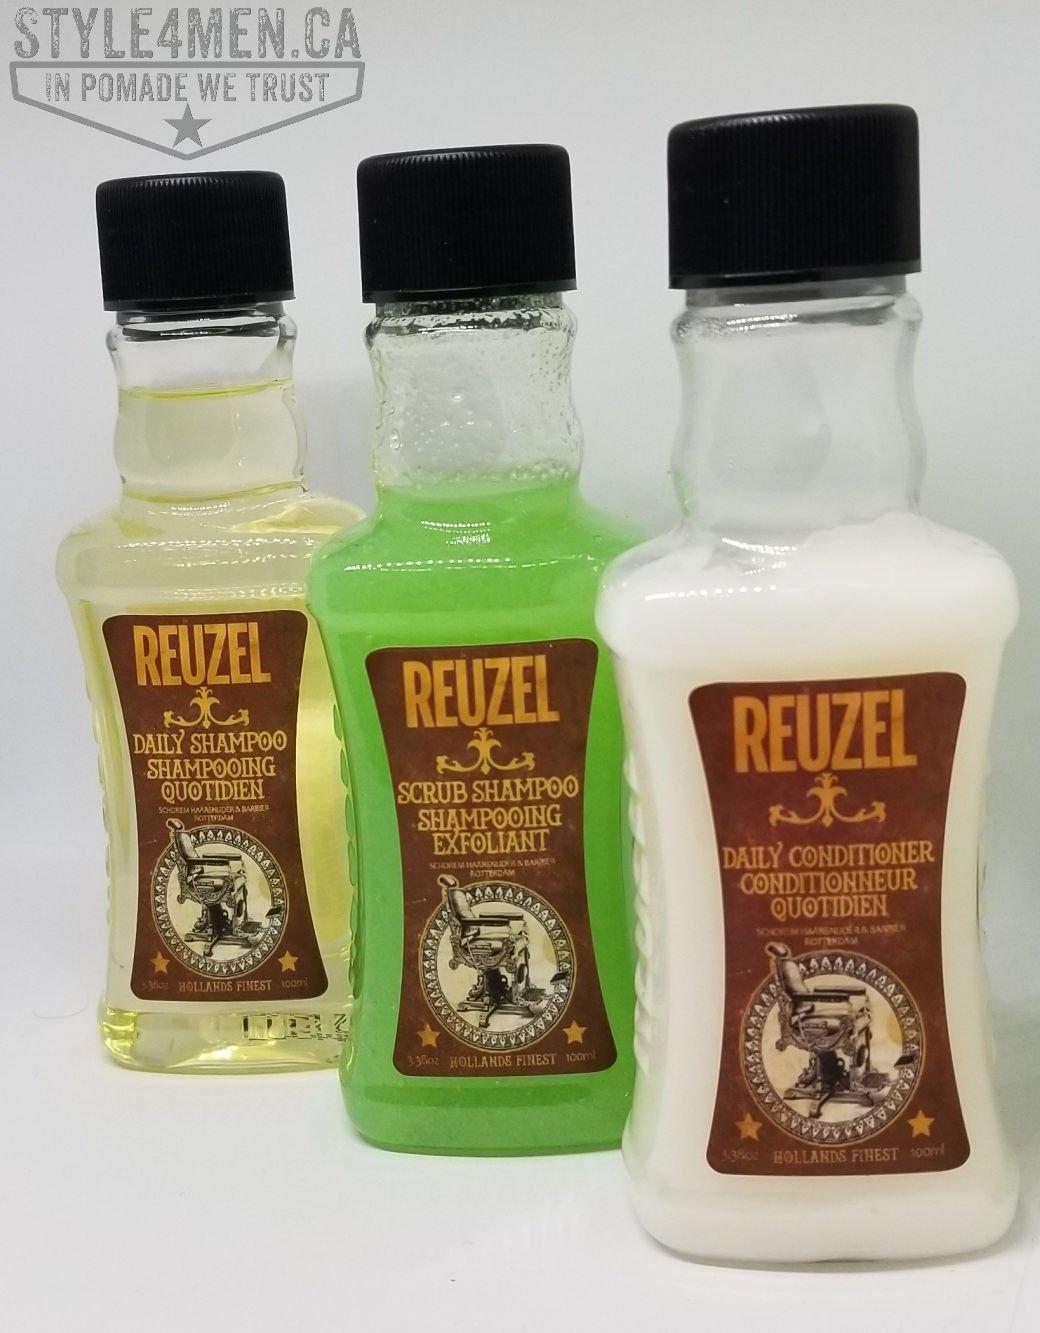 REUZEL's Shampoos and Conditioner Team – their scrub shampoo is unique!